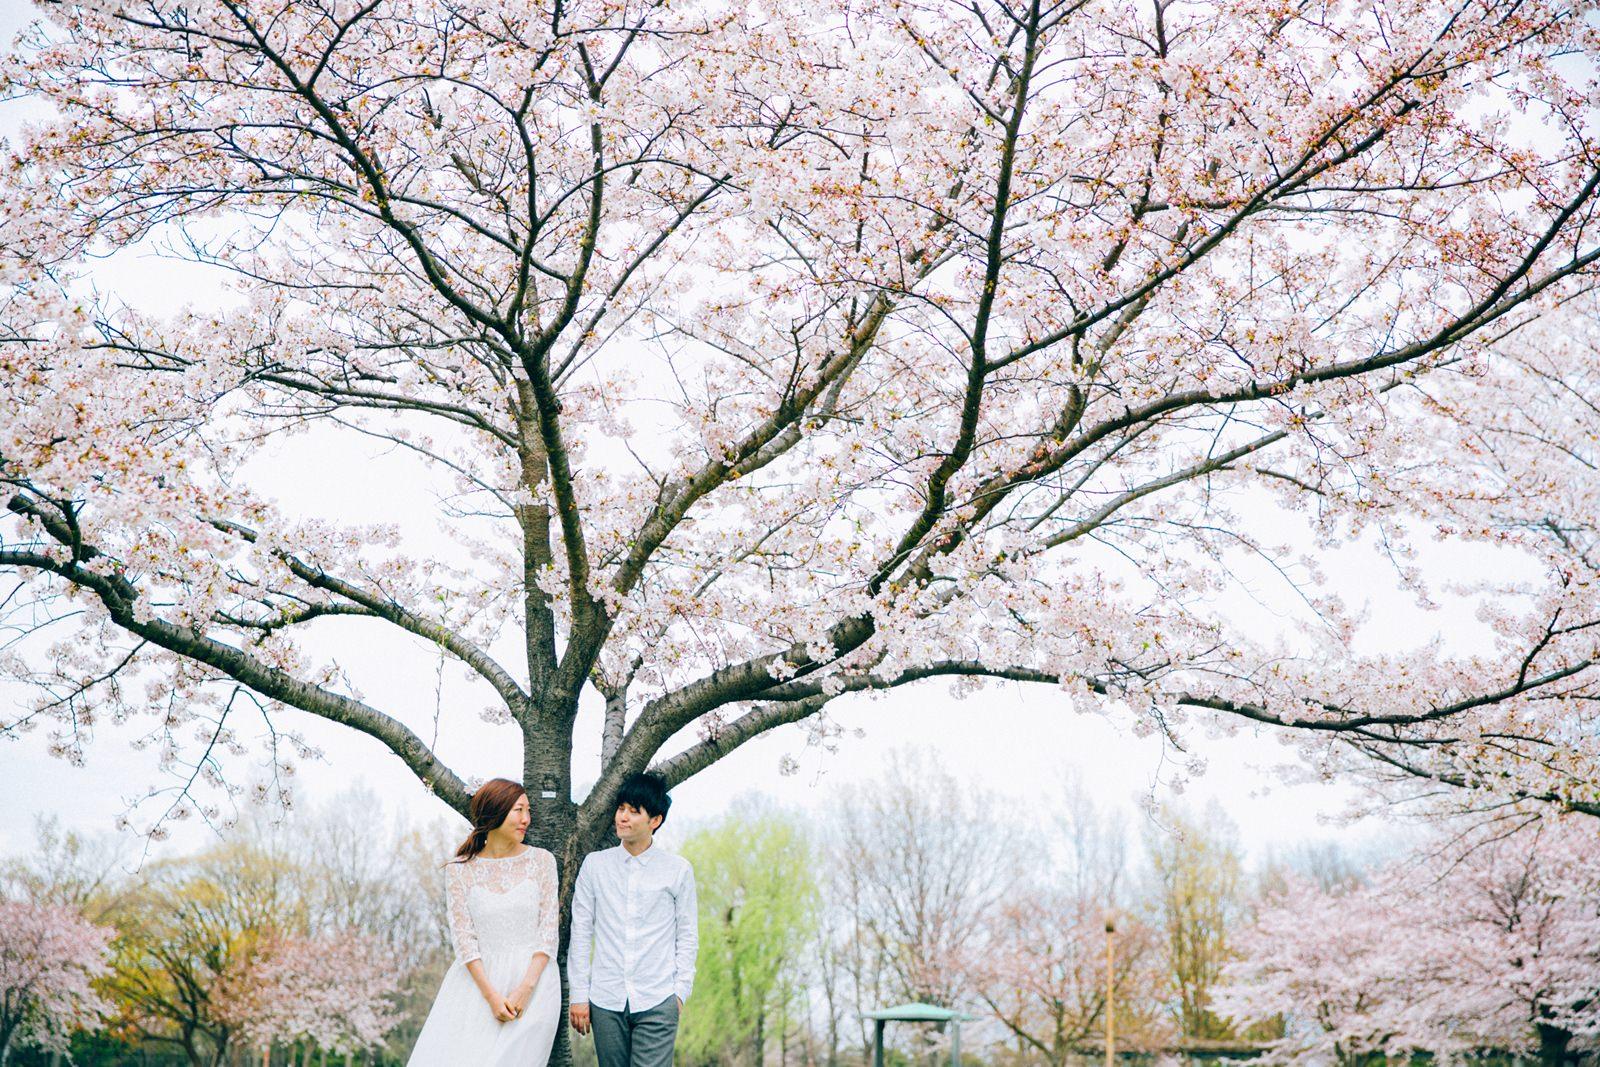 清新櫻花婚紗拍攝  就在東京